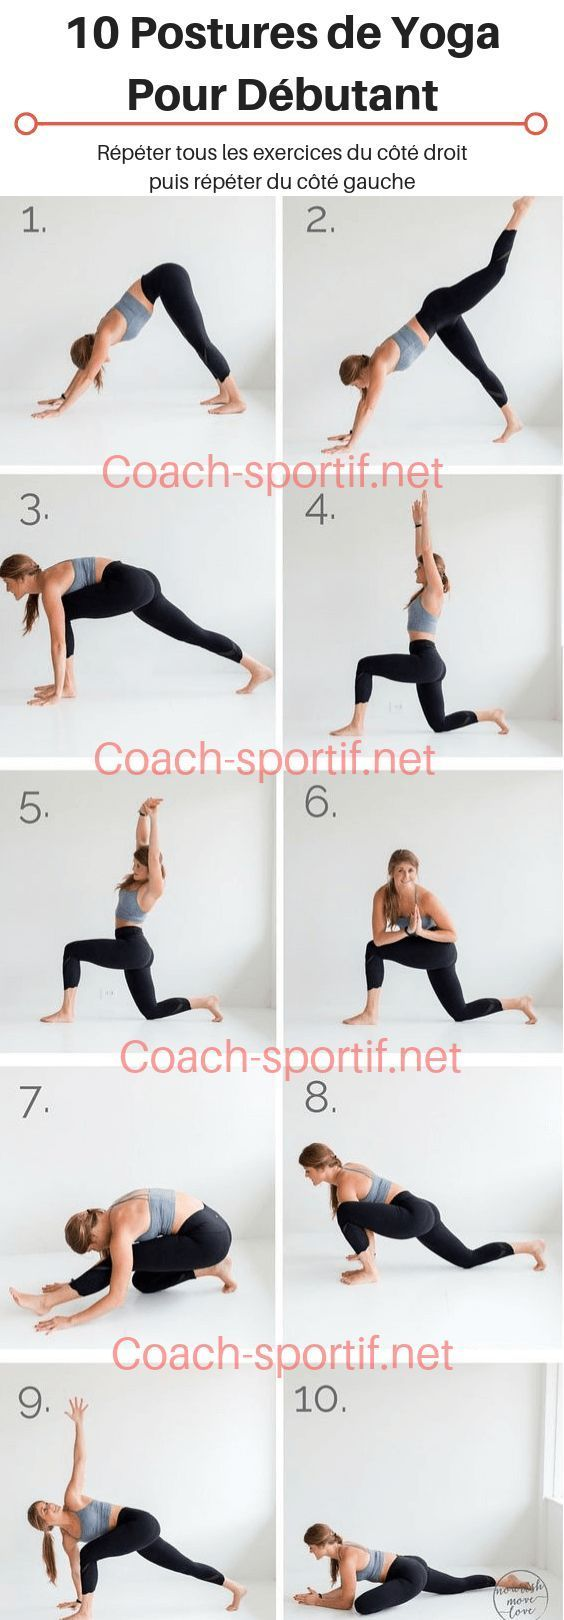 11 postures de yoga pour débutant que tous croient connaître